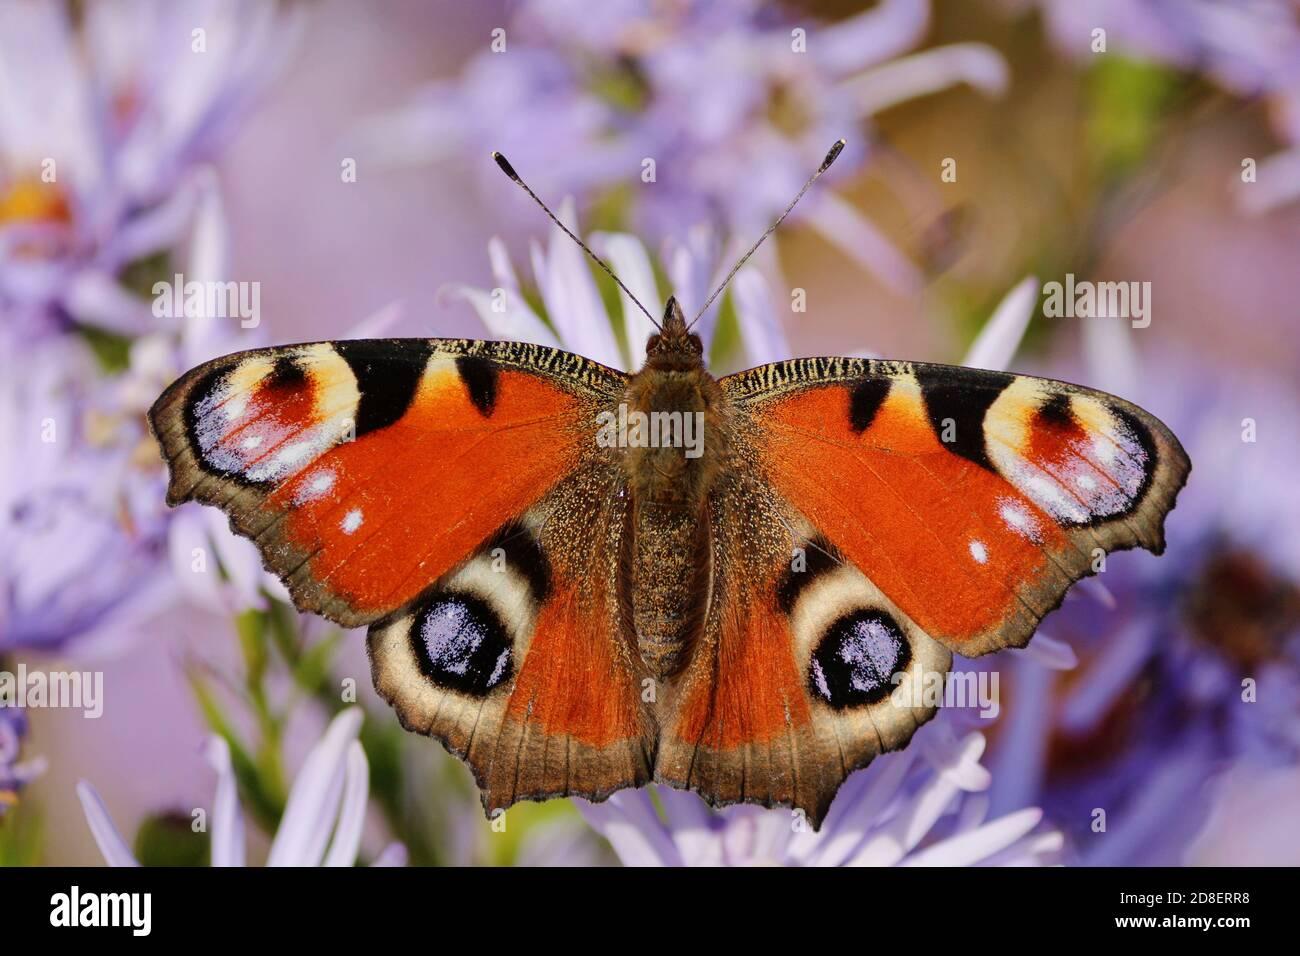 Ojo de pavo real de mariposa de color rojo-negro-lila de primer plano sobre flores púrpura con alas abiertas amplias en un soleado día de otoño. Foto de stock